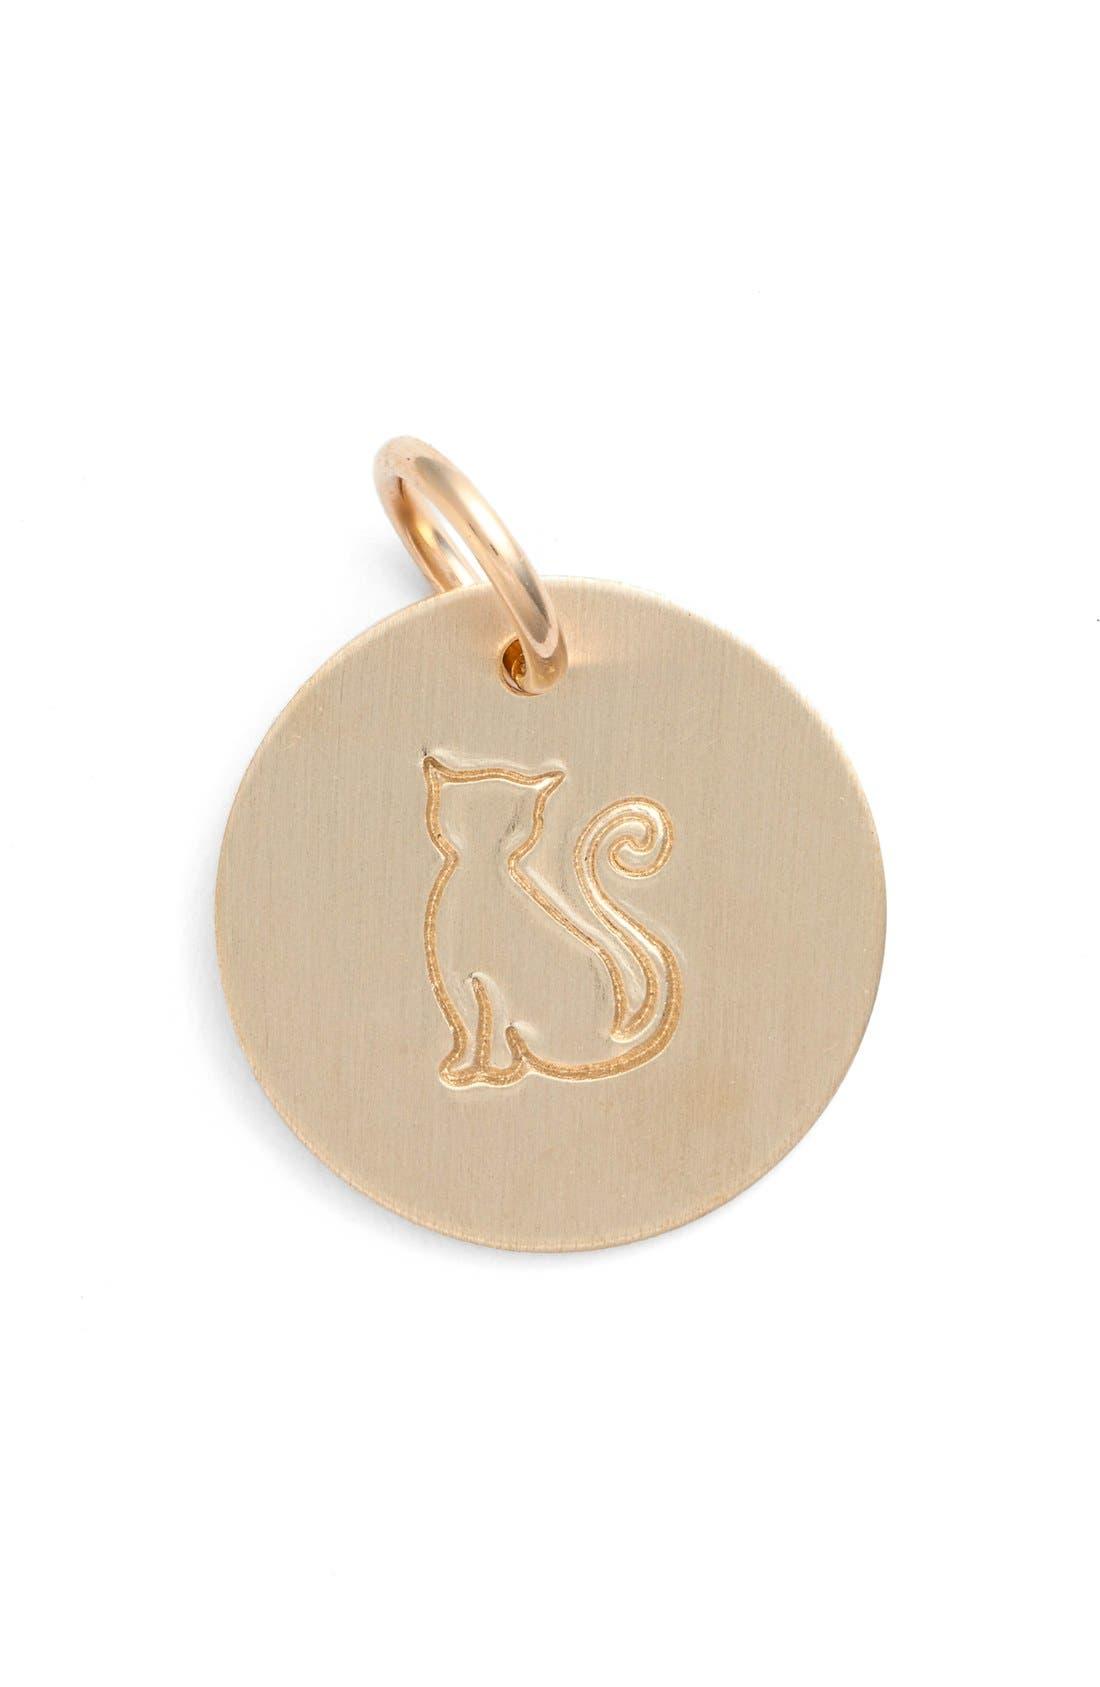 Nashelle Cat Stamp Charm